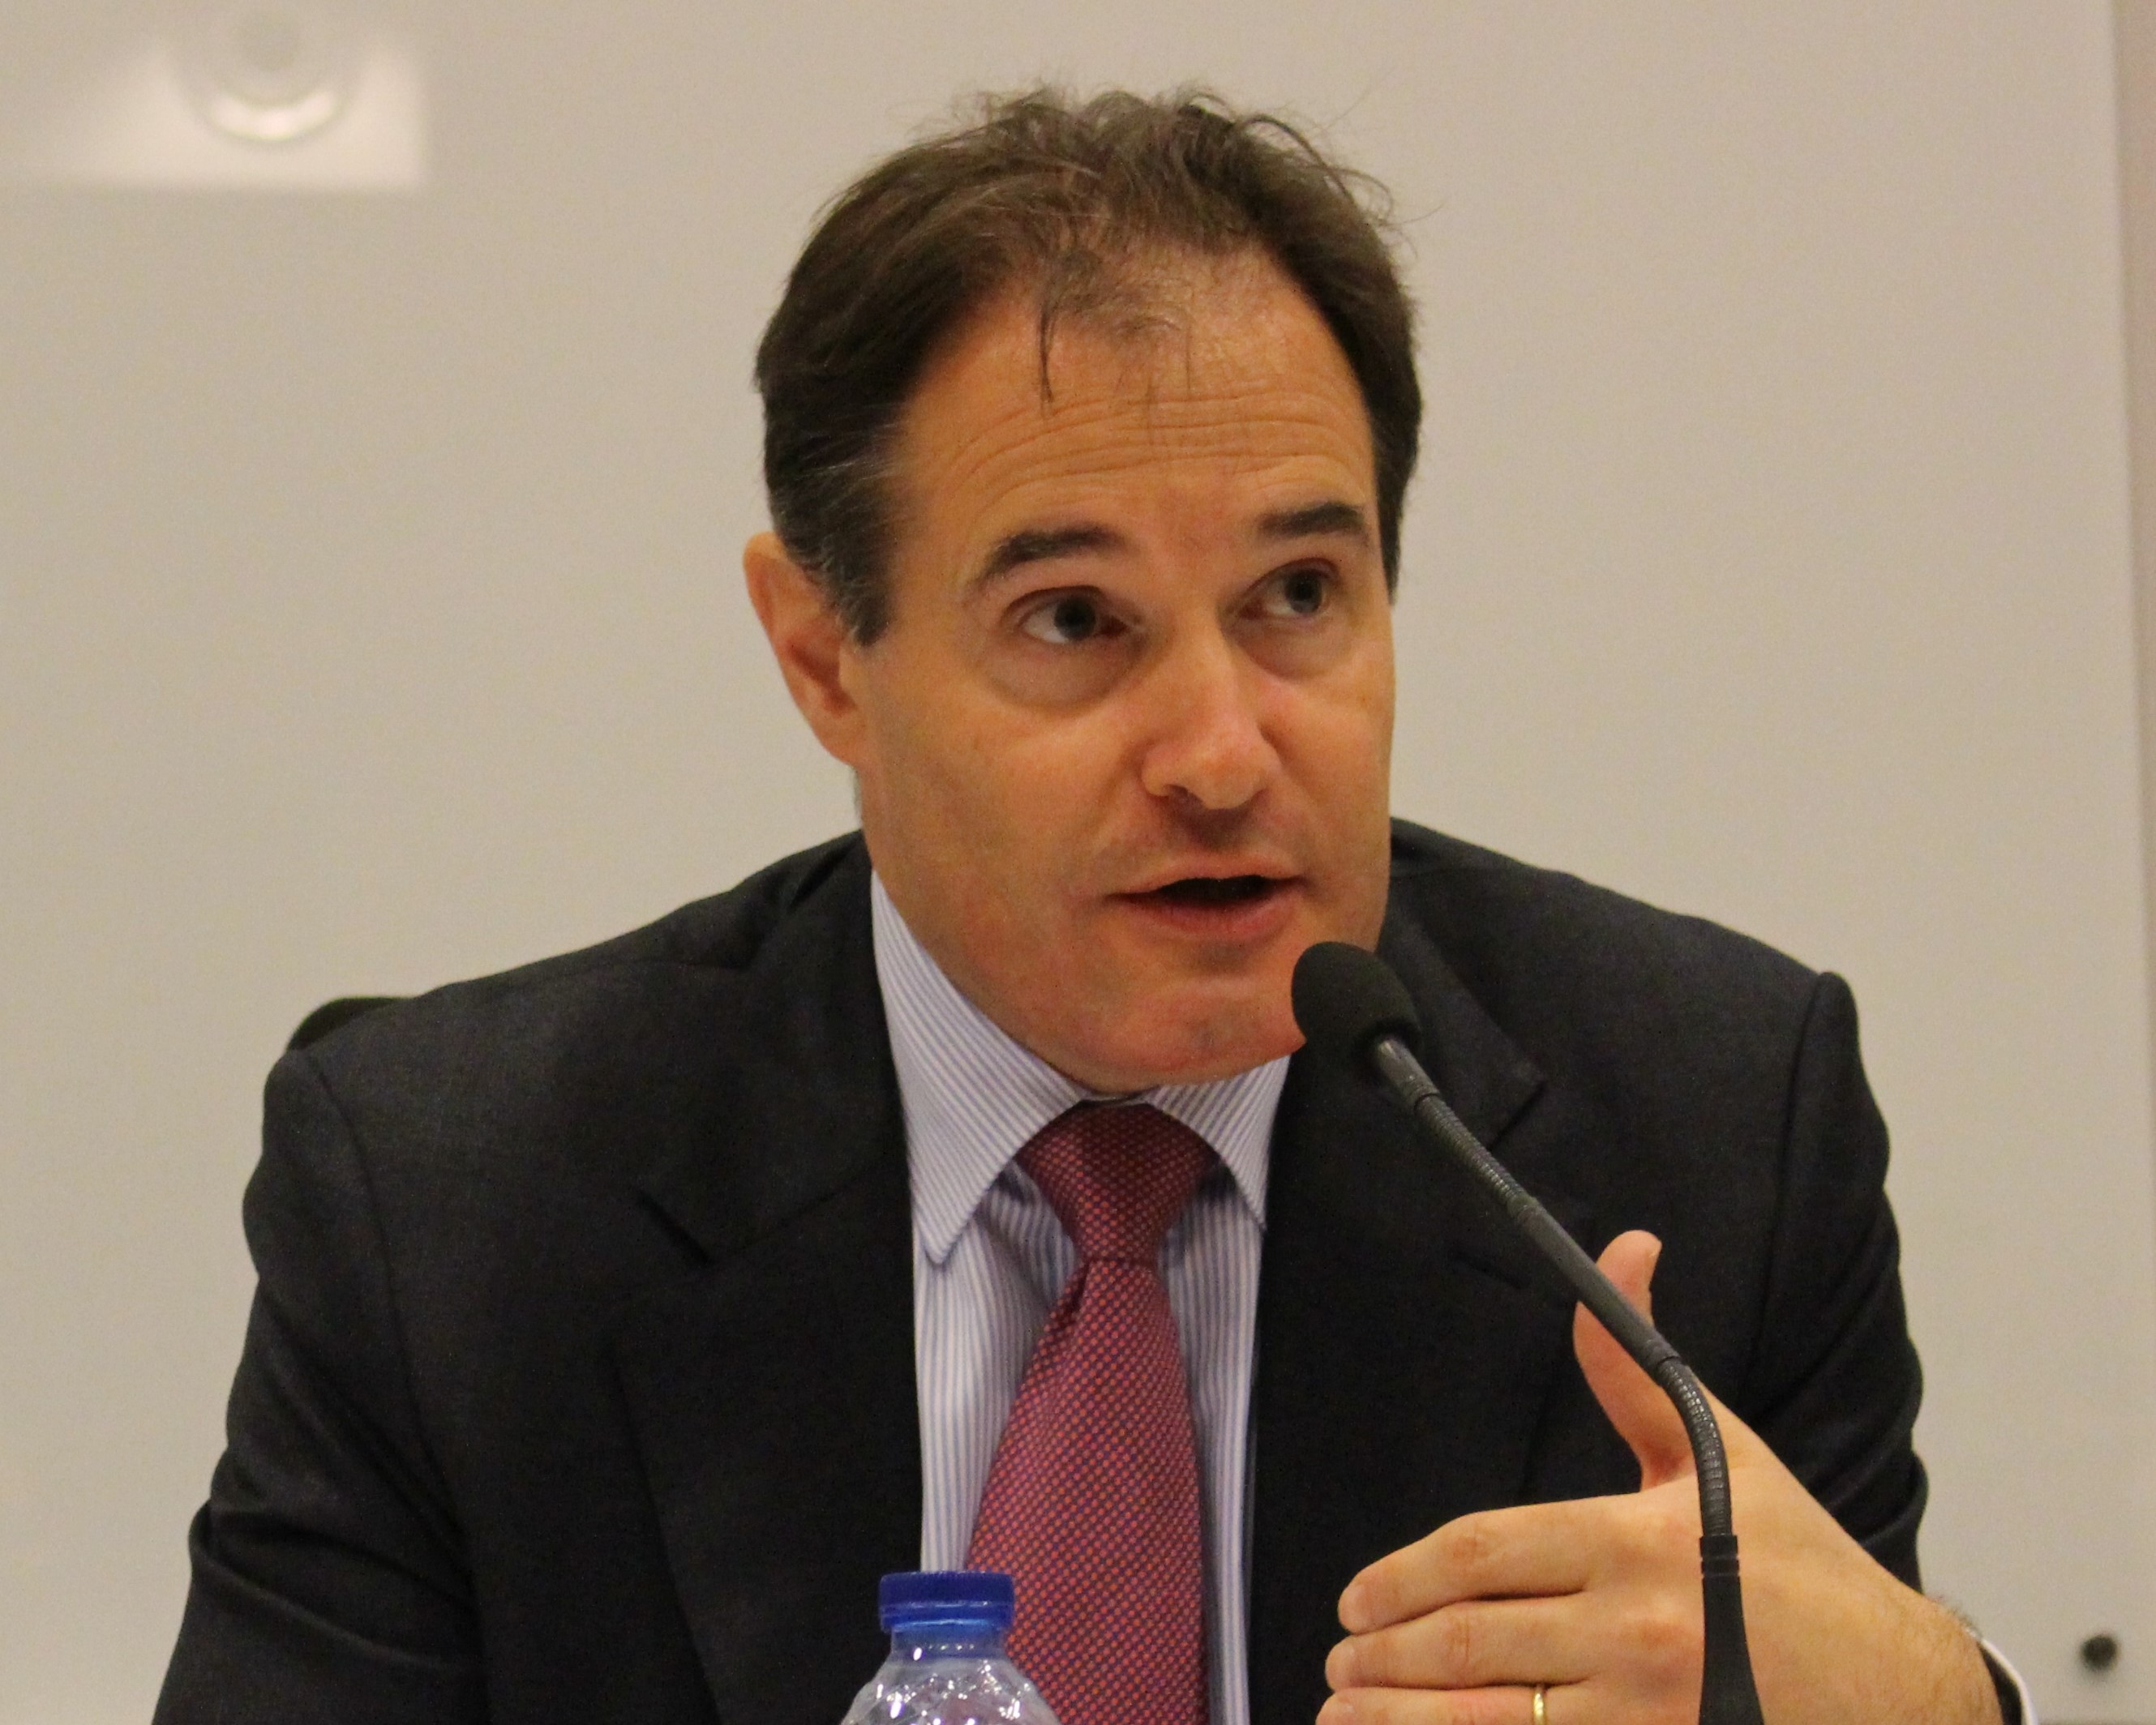 Fabrice Leggeri, dyrektor Europejskiej Agencji Straży Granicznej i Przybrzeżnej Frontex (fot. wikimedia, licencja CC BY-SA 3.0)